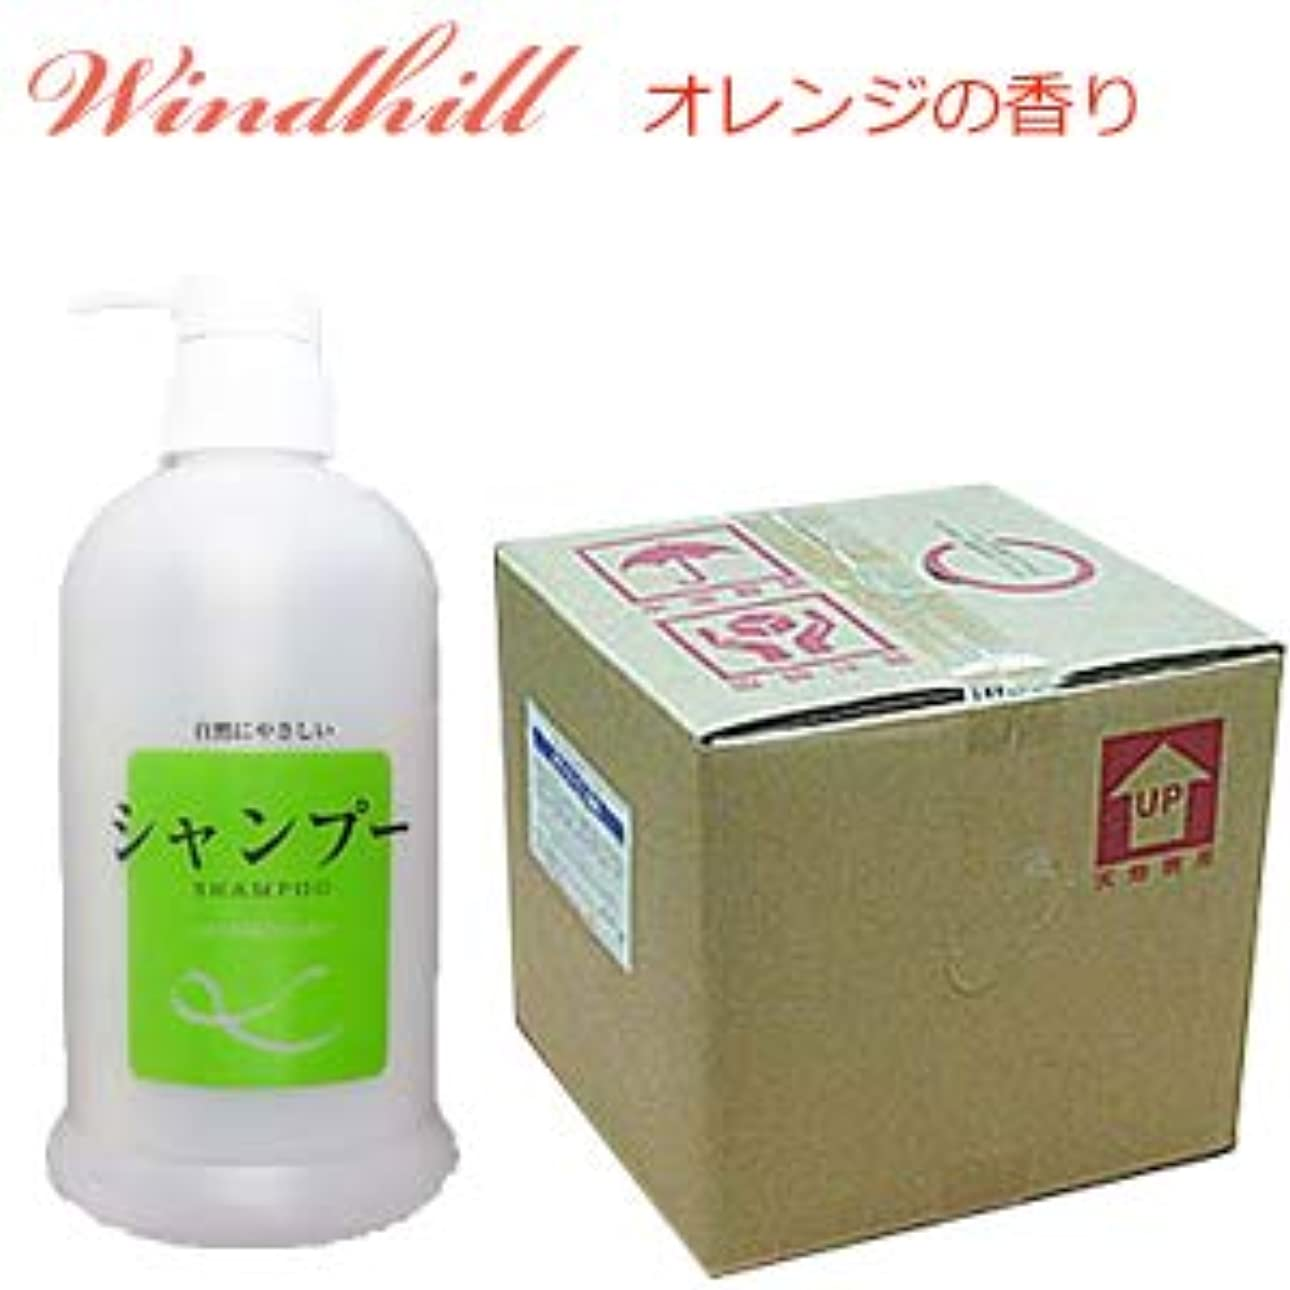 打たれたトラックカプラーリファインWindhill 植物性 業務用 シャンプー オレンジの香り 20L(1セット20L入)